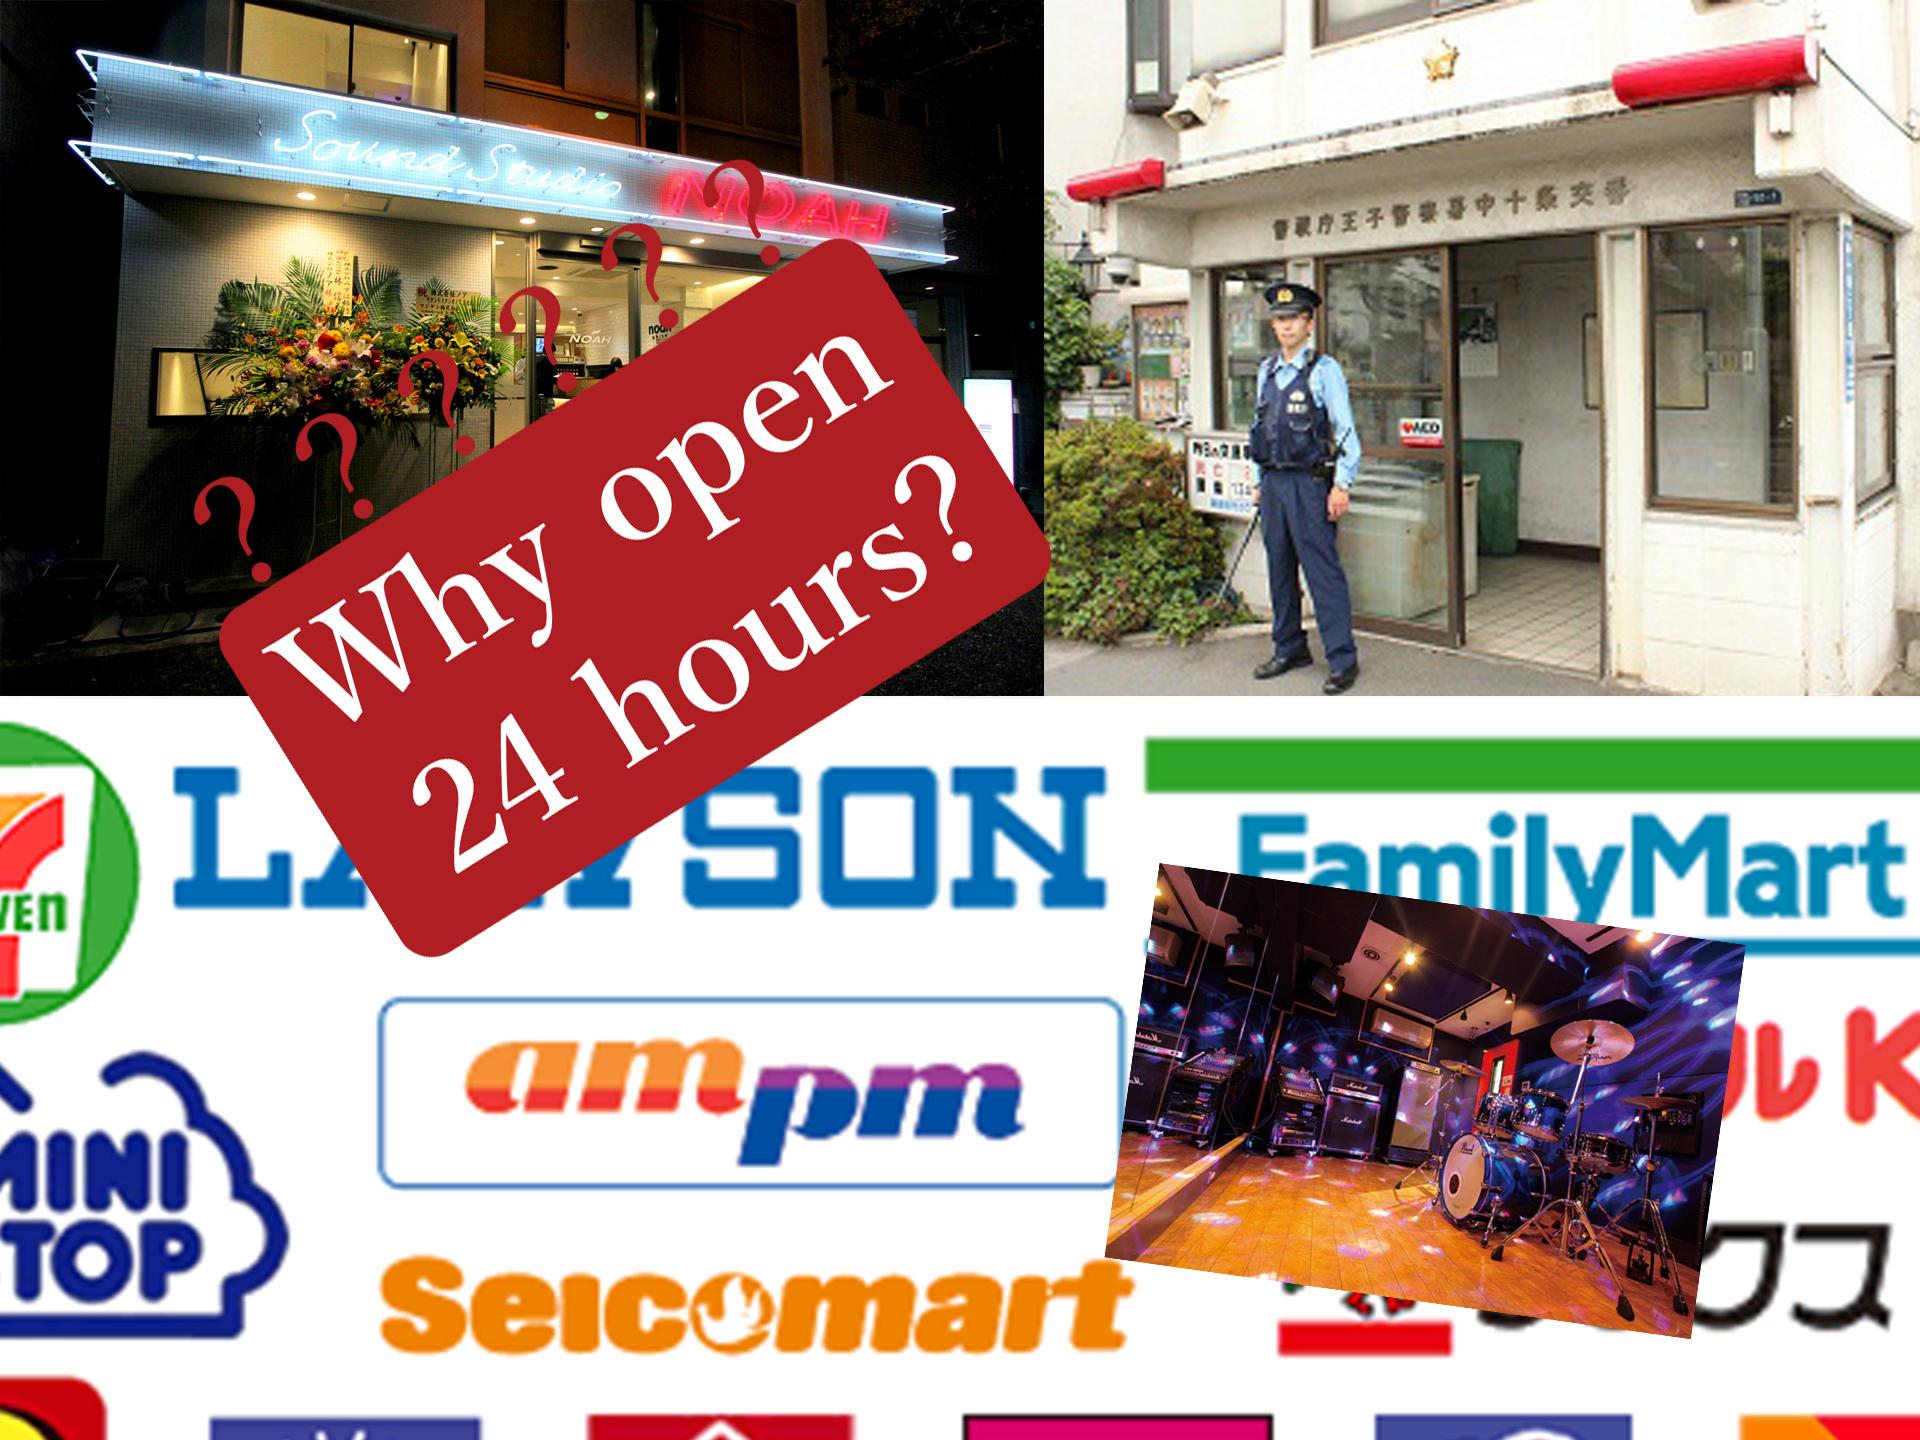 なぜリハーサルスタジオは24時間営業なのか?